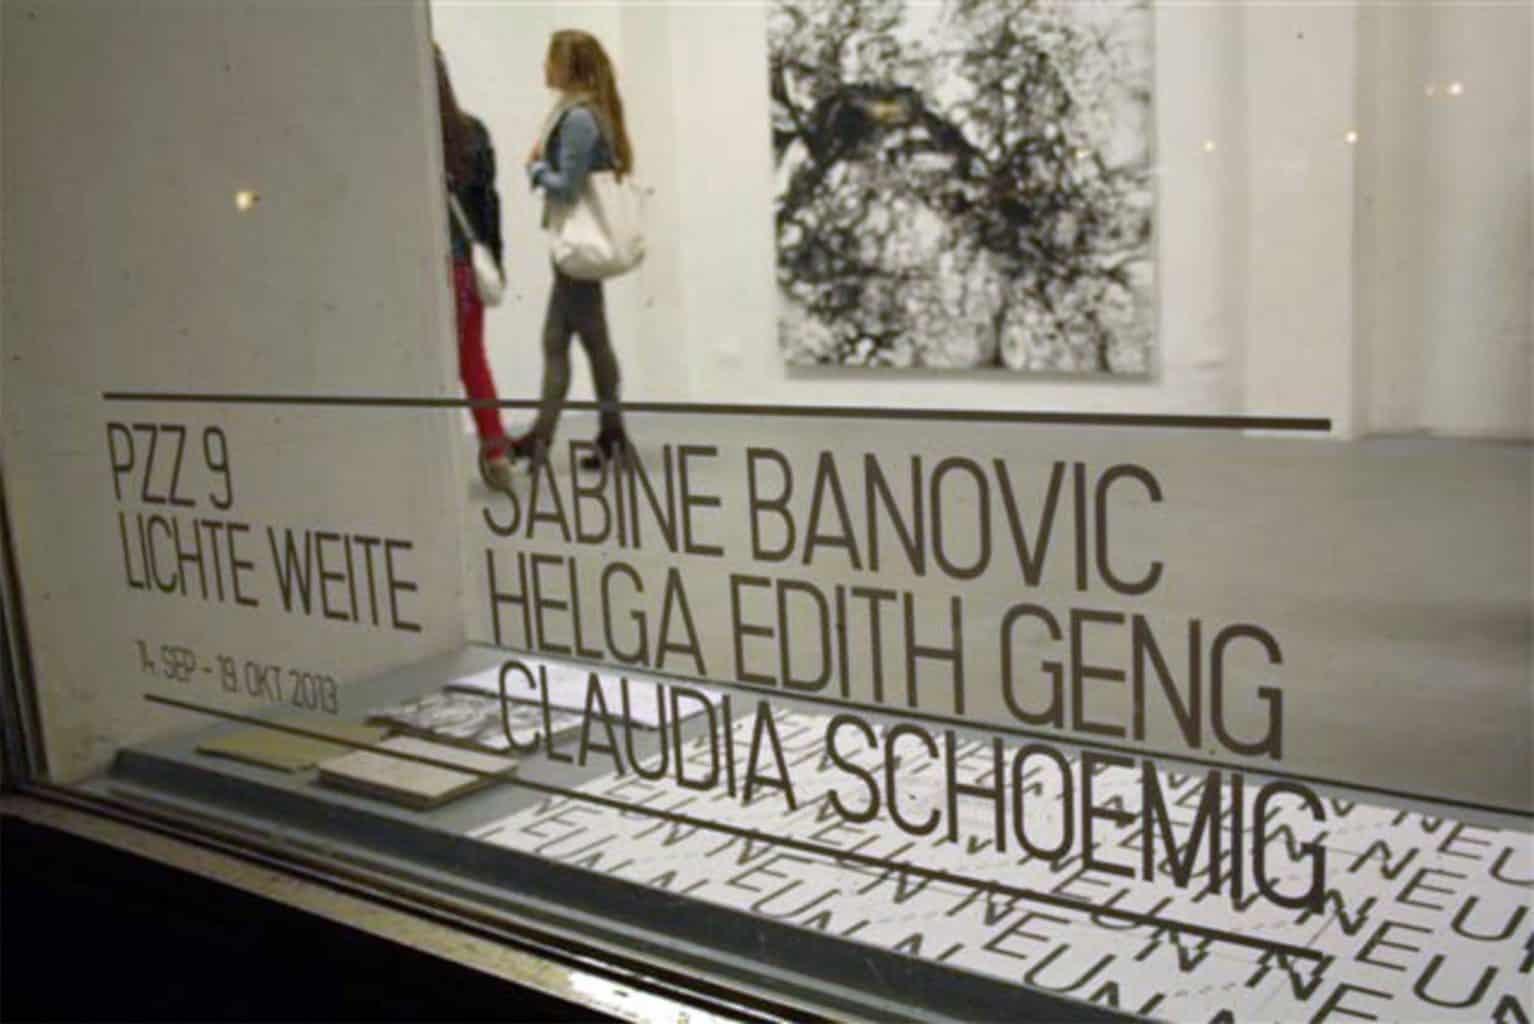 NeuDeli_Kunstraum_Sabine-Banovic_Helga-Edith-Geng_Claudia-Schoemig